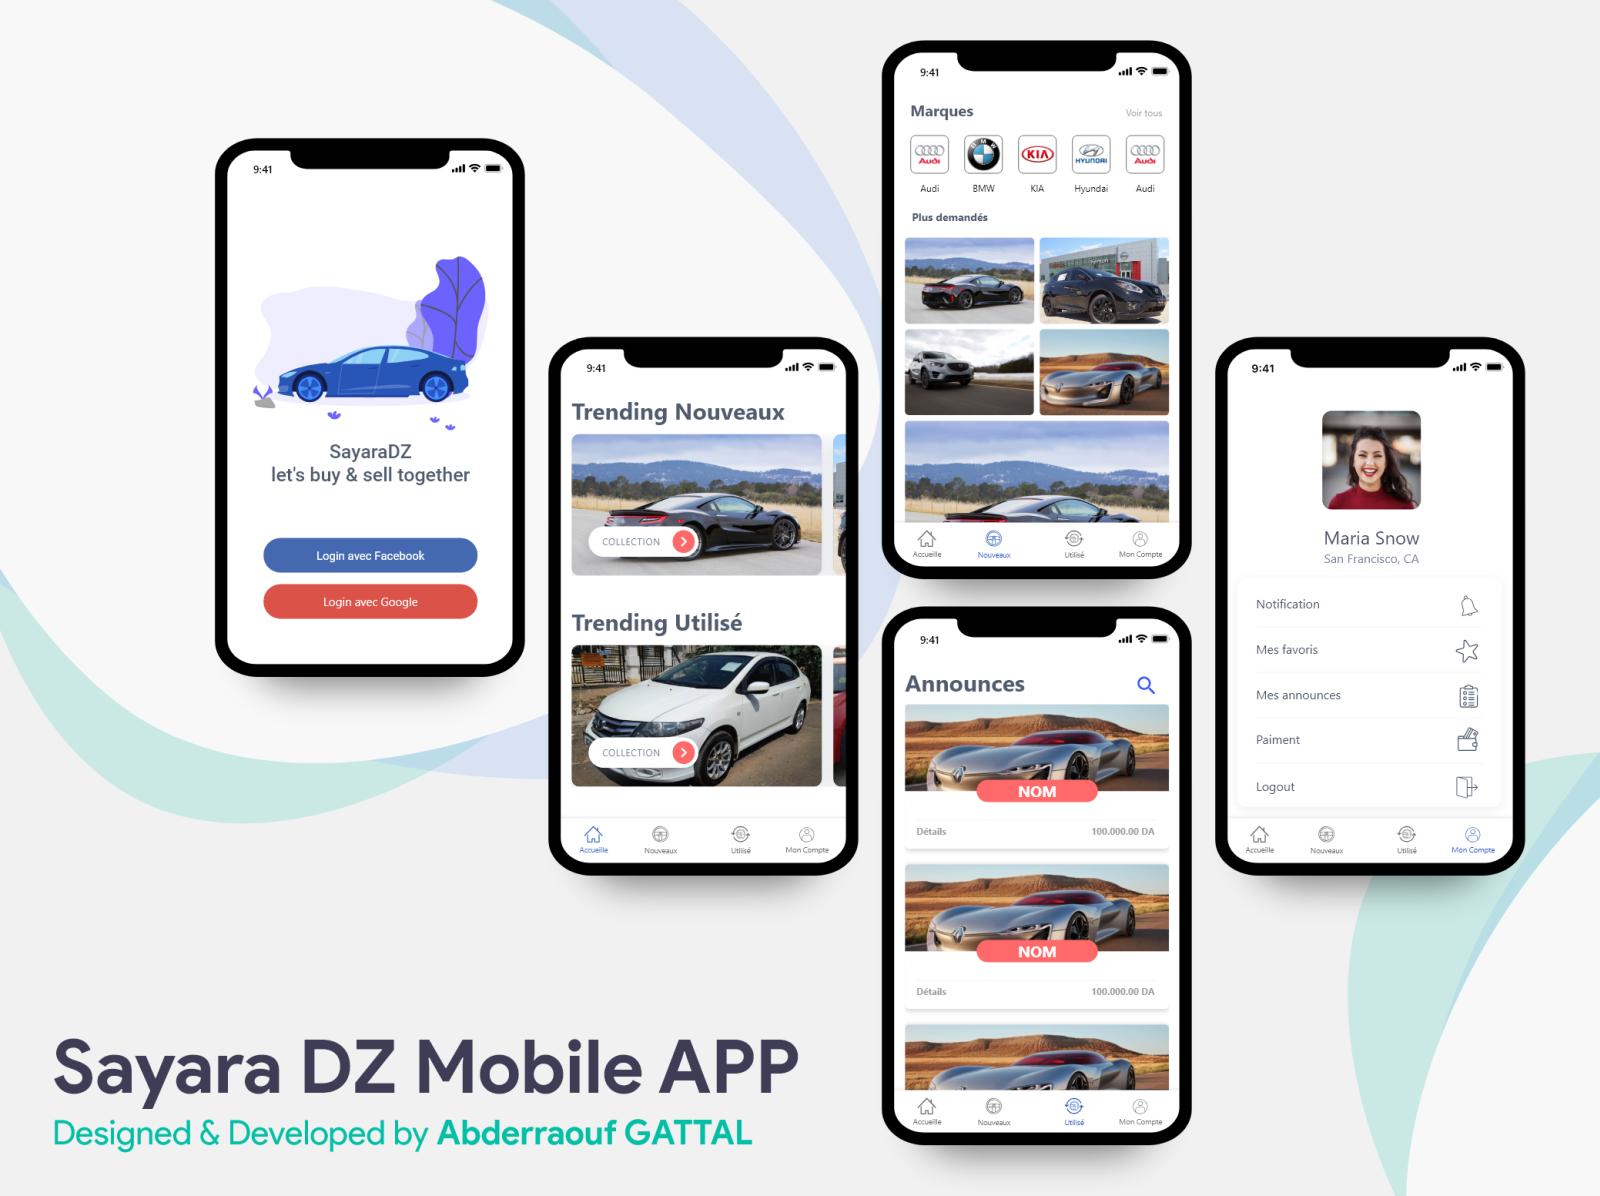 Sayara Dz Mobile App By Abderraouf Gattal On Dribbble